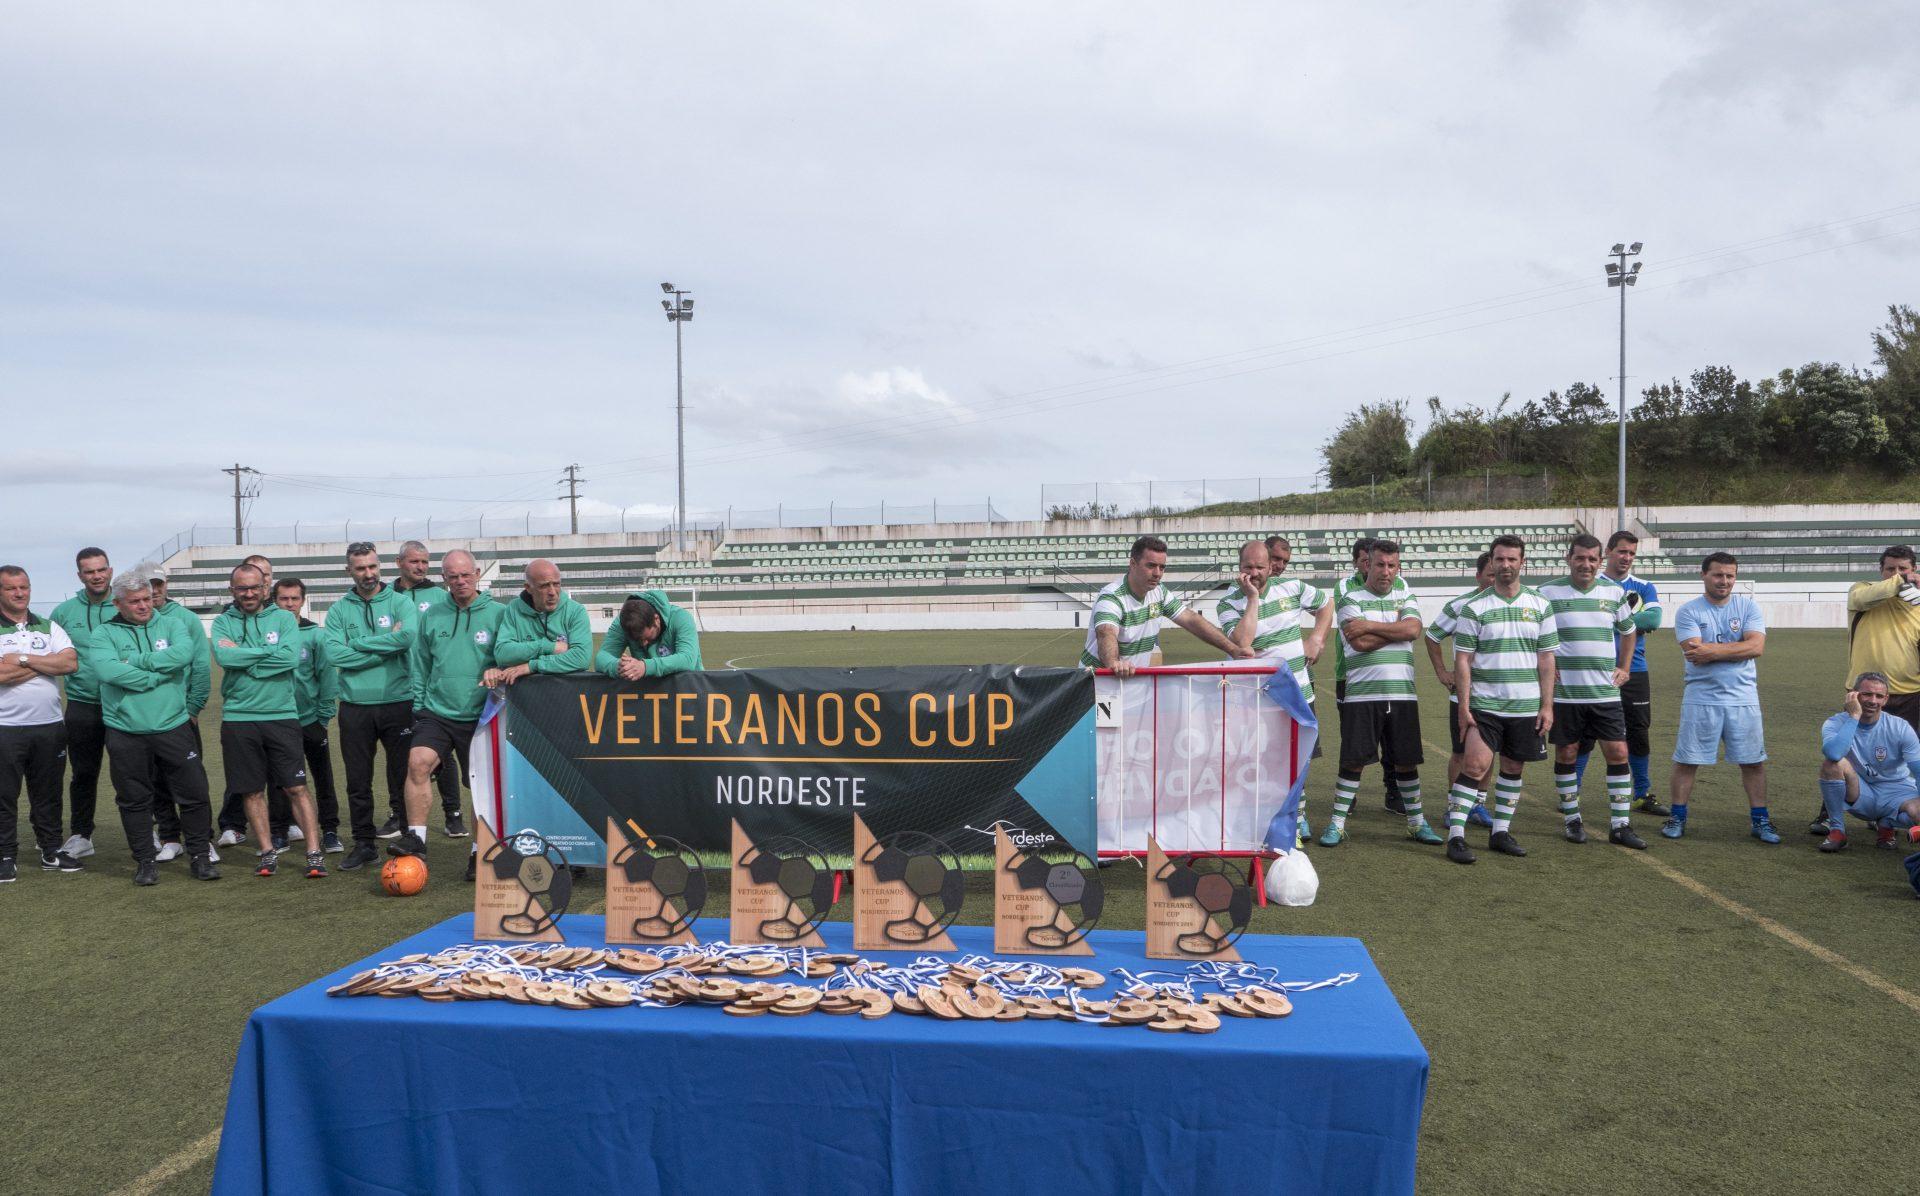 Veteranos Cup 2019